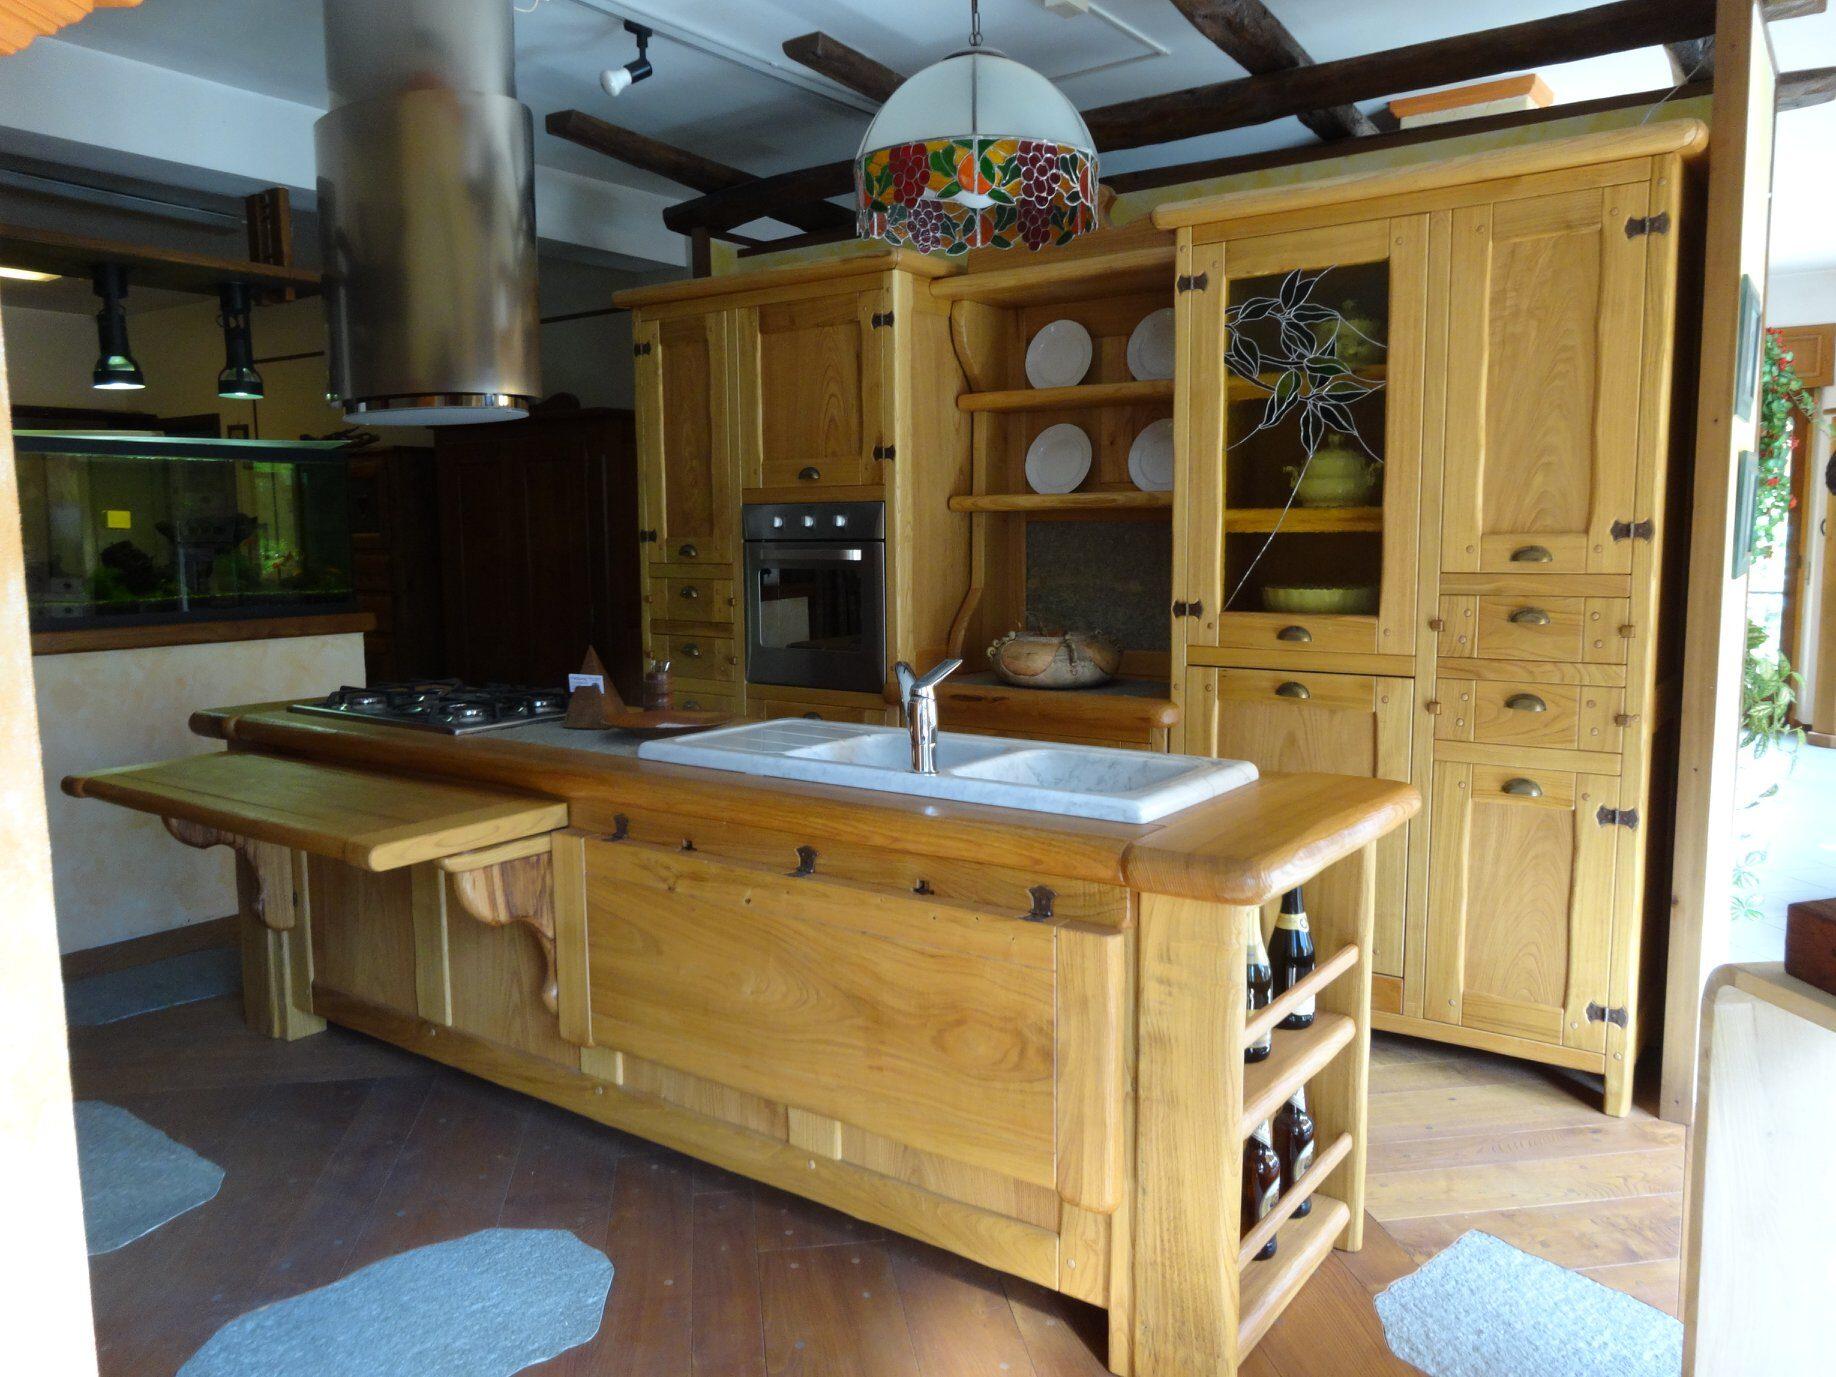 piemonte, torino, cucina in legno, mobili artigianali, arredamento, occasione, svendita, artigianato italiano